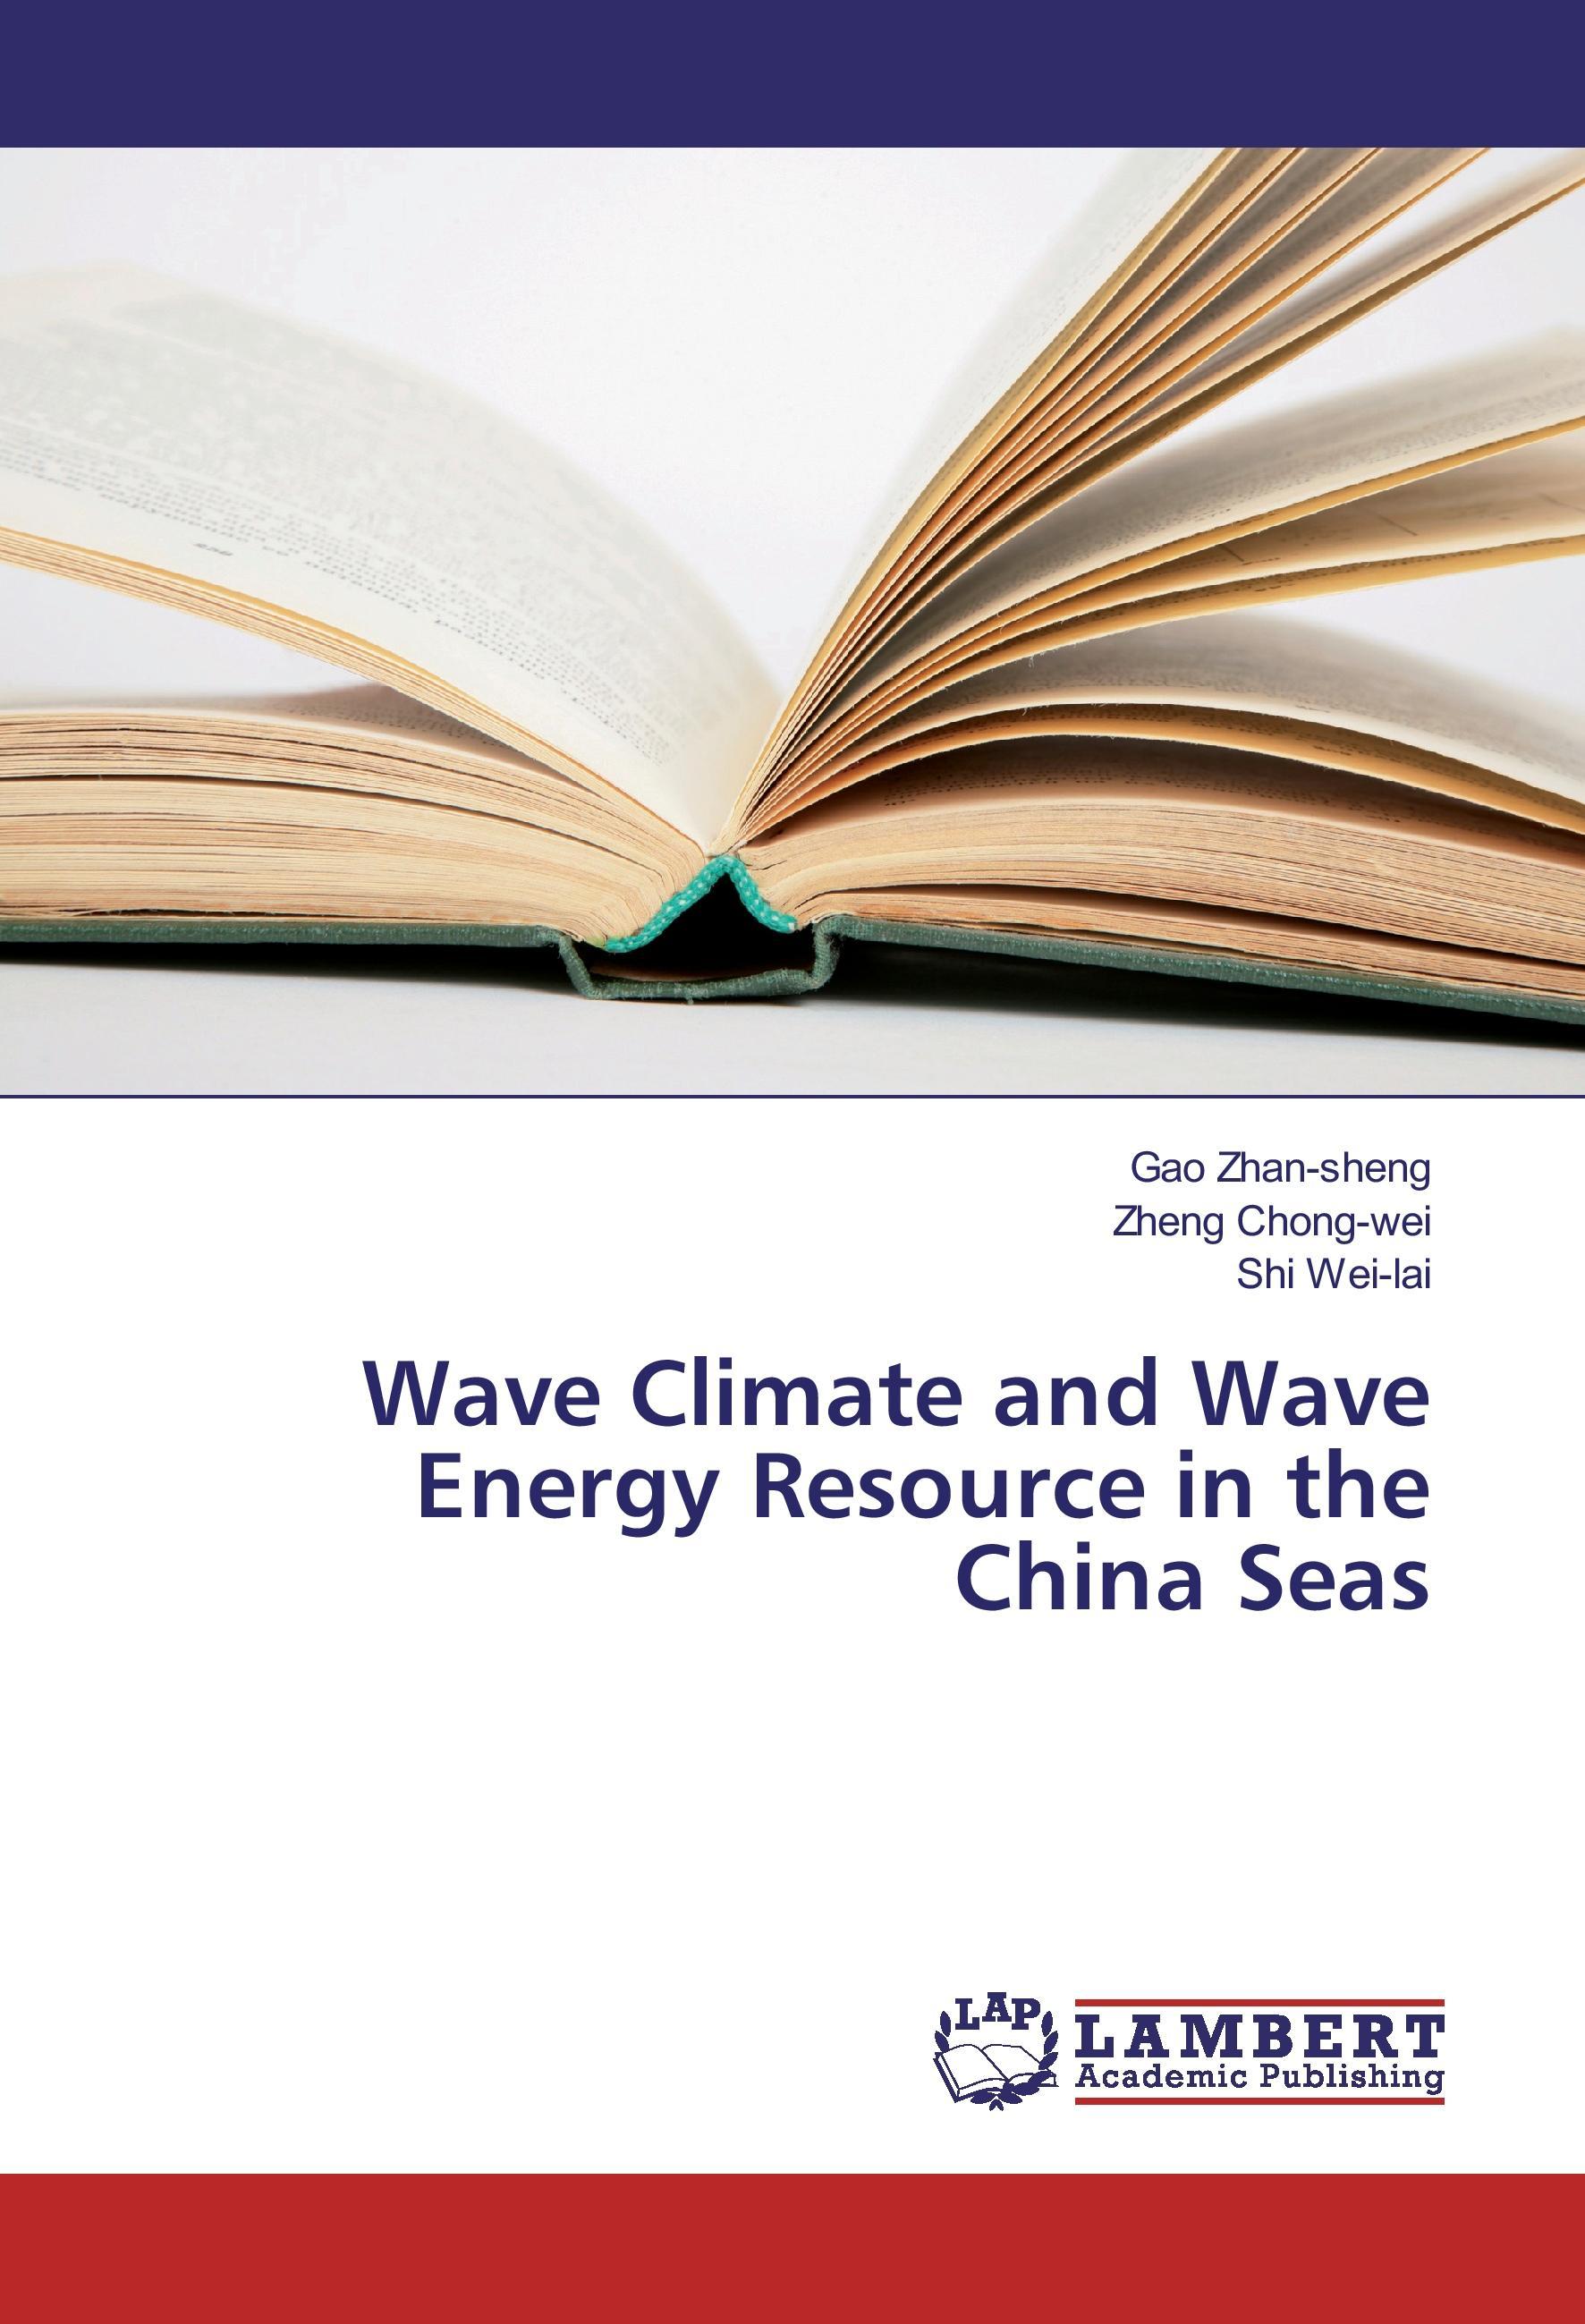 Wave Climate and Wave Energy Resource in the China Seas - Zhan-sheng, Gao Chong-wei, Zheng Wei-lai, Shi